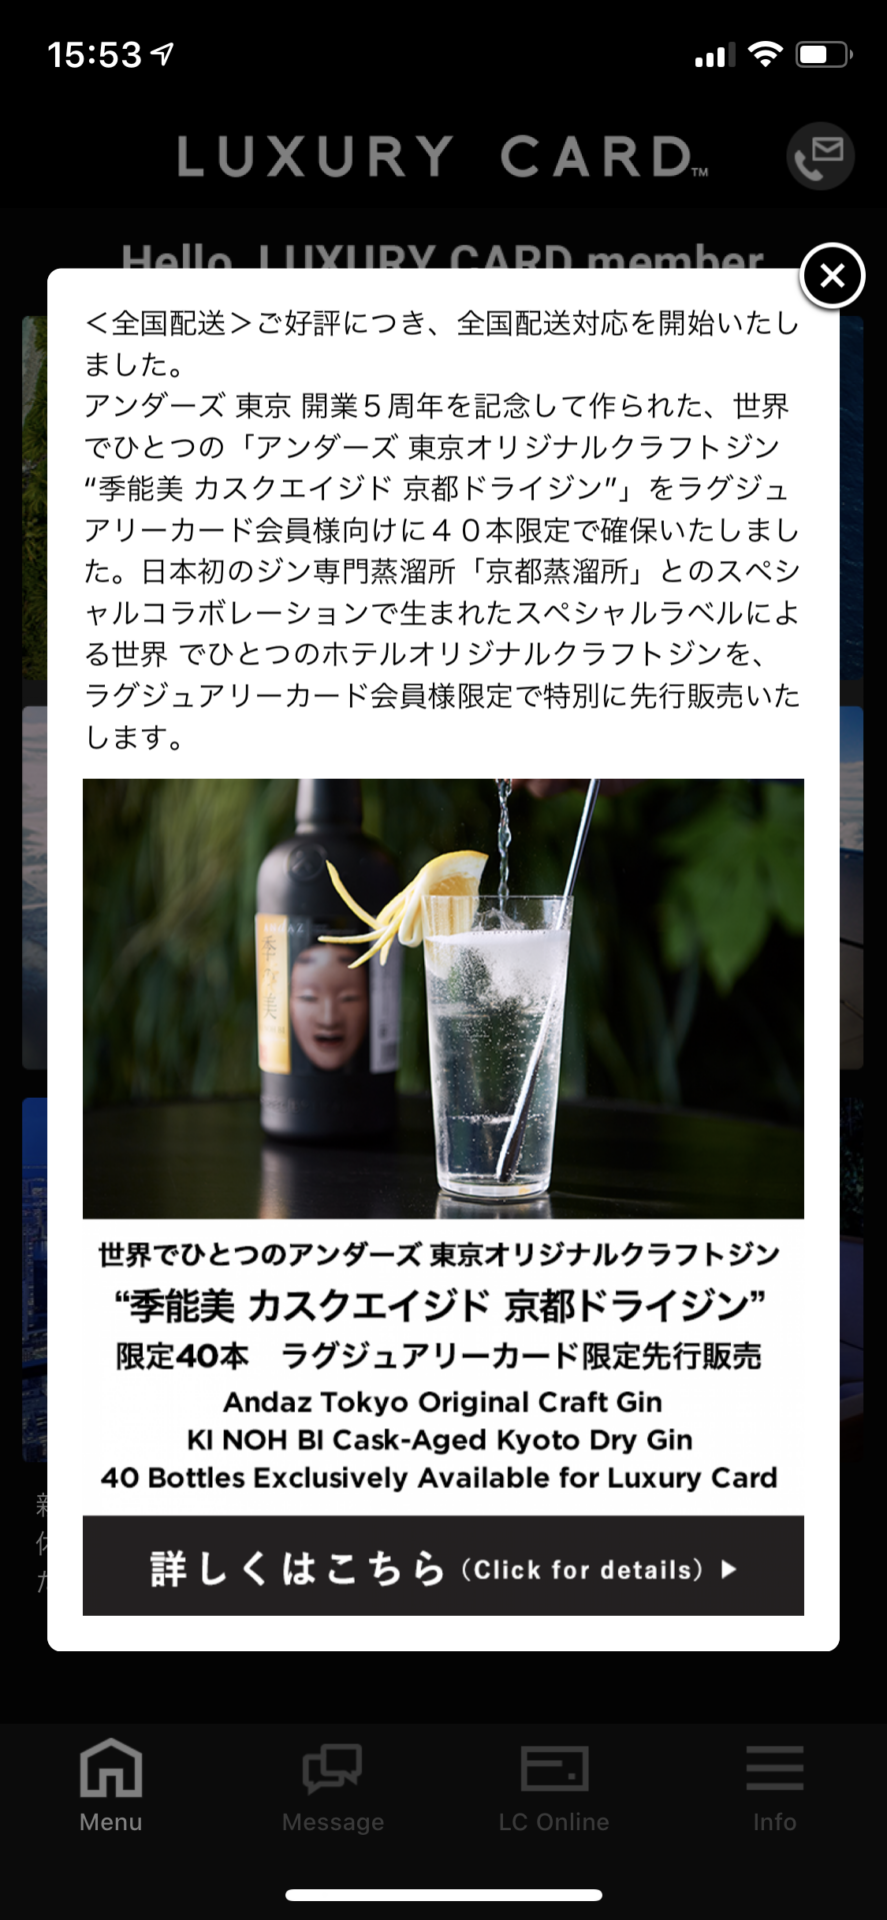 季能美 カスクエイジド 京都ドライジン